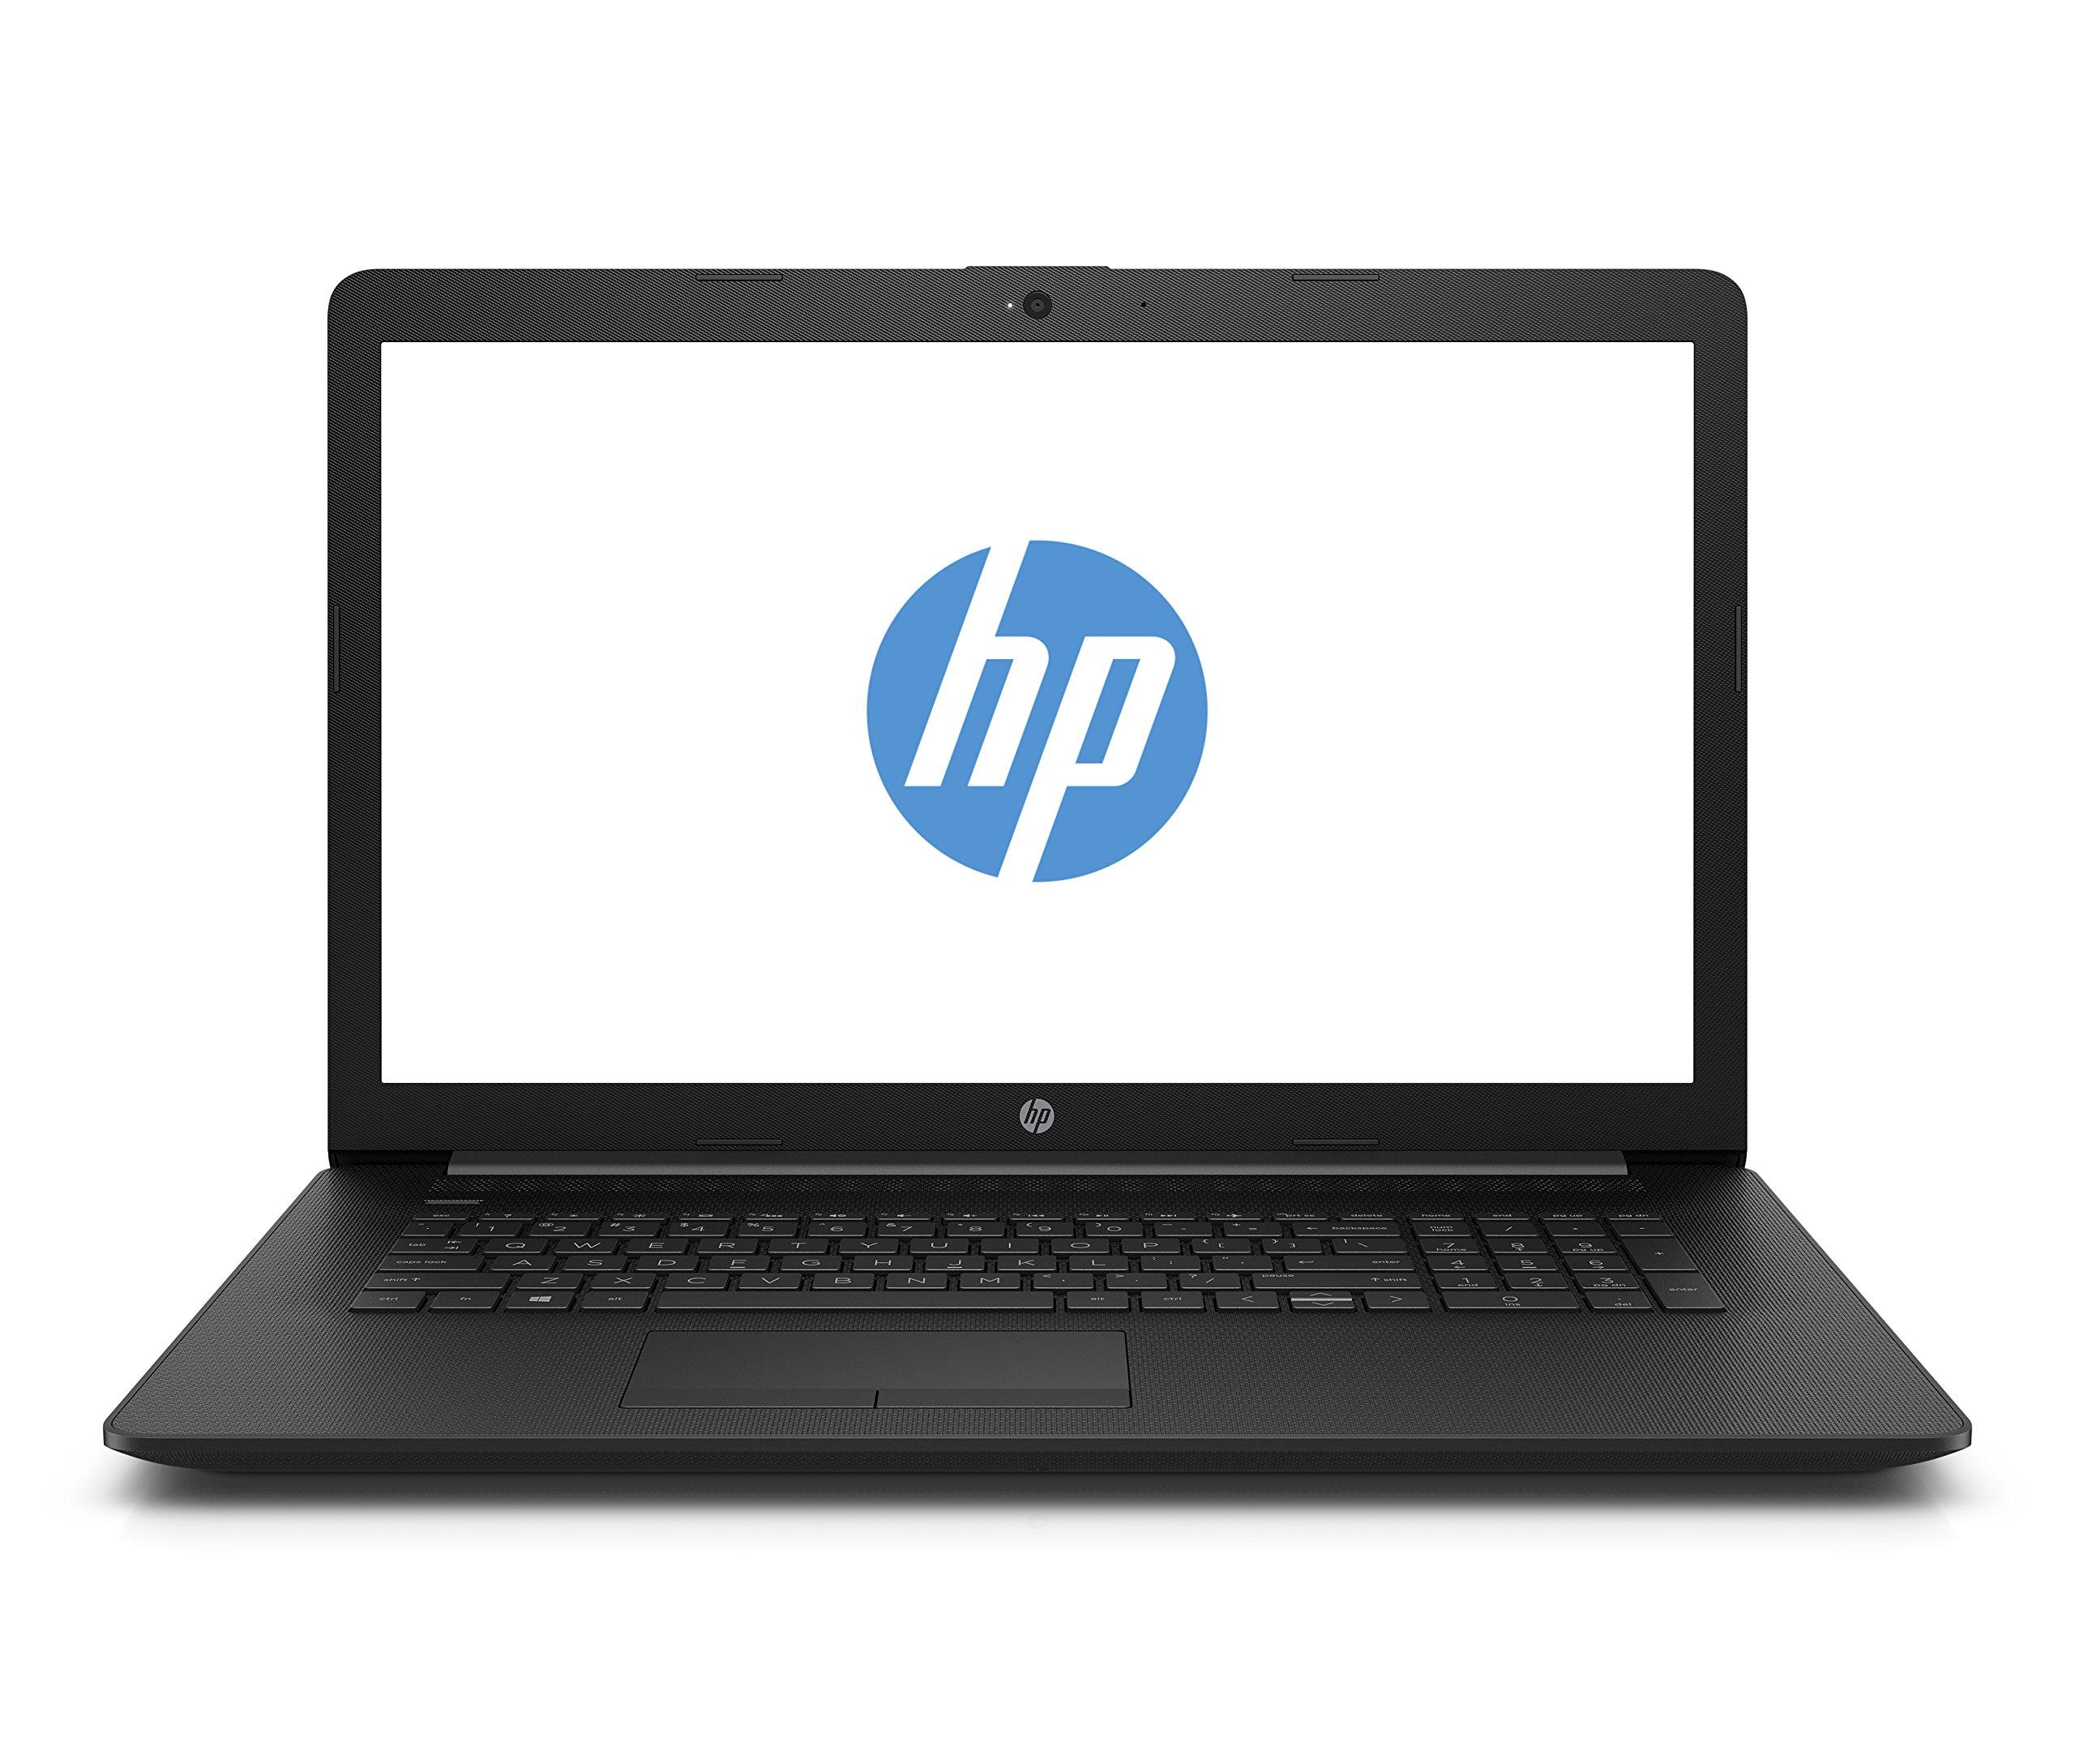 HP HP(17.3日本語)インチHD +)ラップトップ(AMD A6-9225、4GB RAM、1TBハードドライブ、AMD Radeon R4、オペレーティングシステムなし)5CS60EA#ABD AMD Radeon R4 1TB HDD